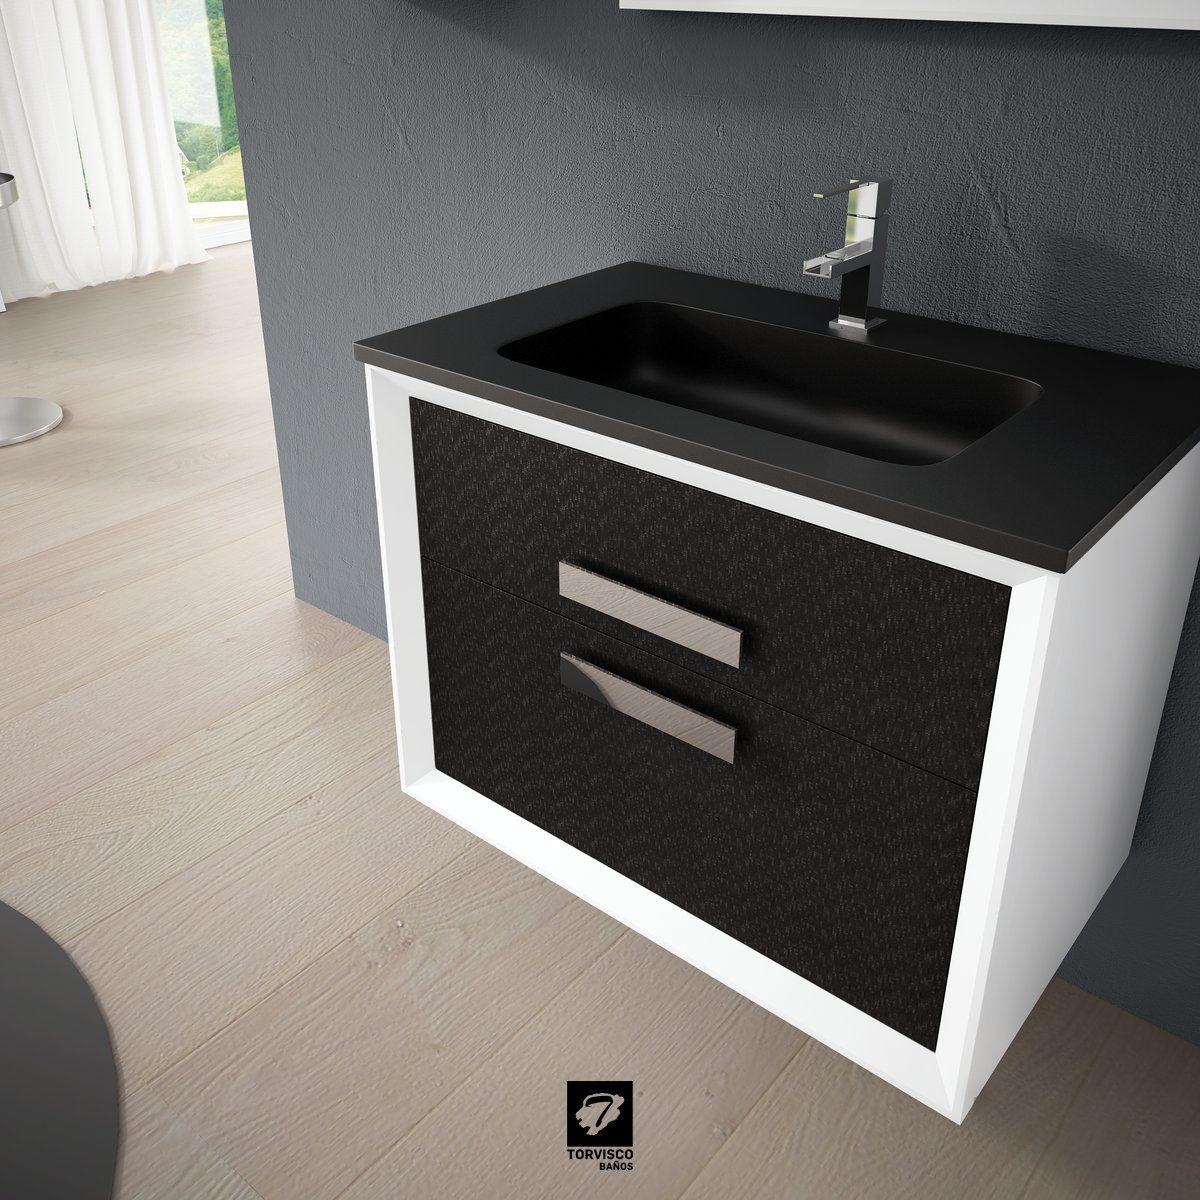 Detalle De La Encimera Dubai En Negro Metalizado Sobre El Mueble  # Muebles Bano Loa